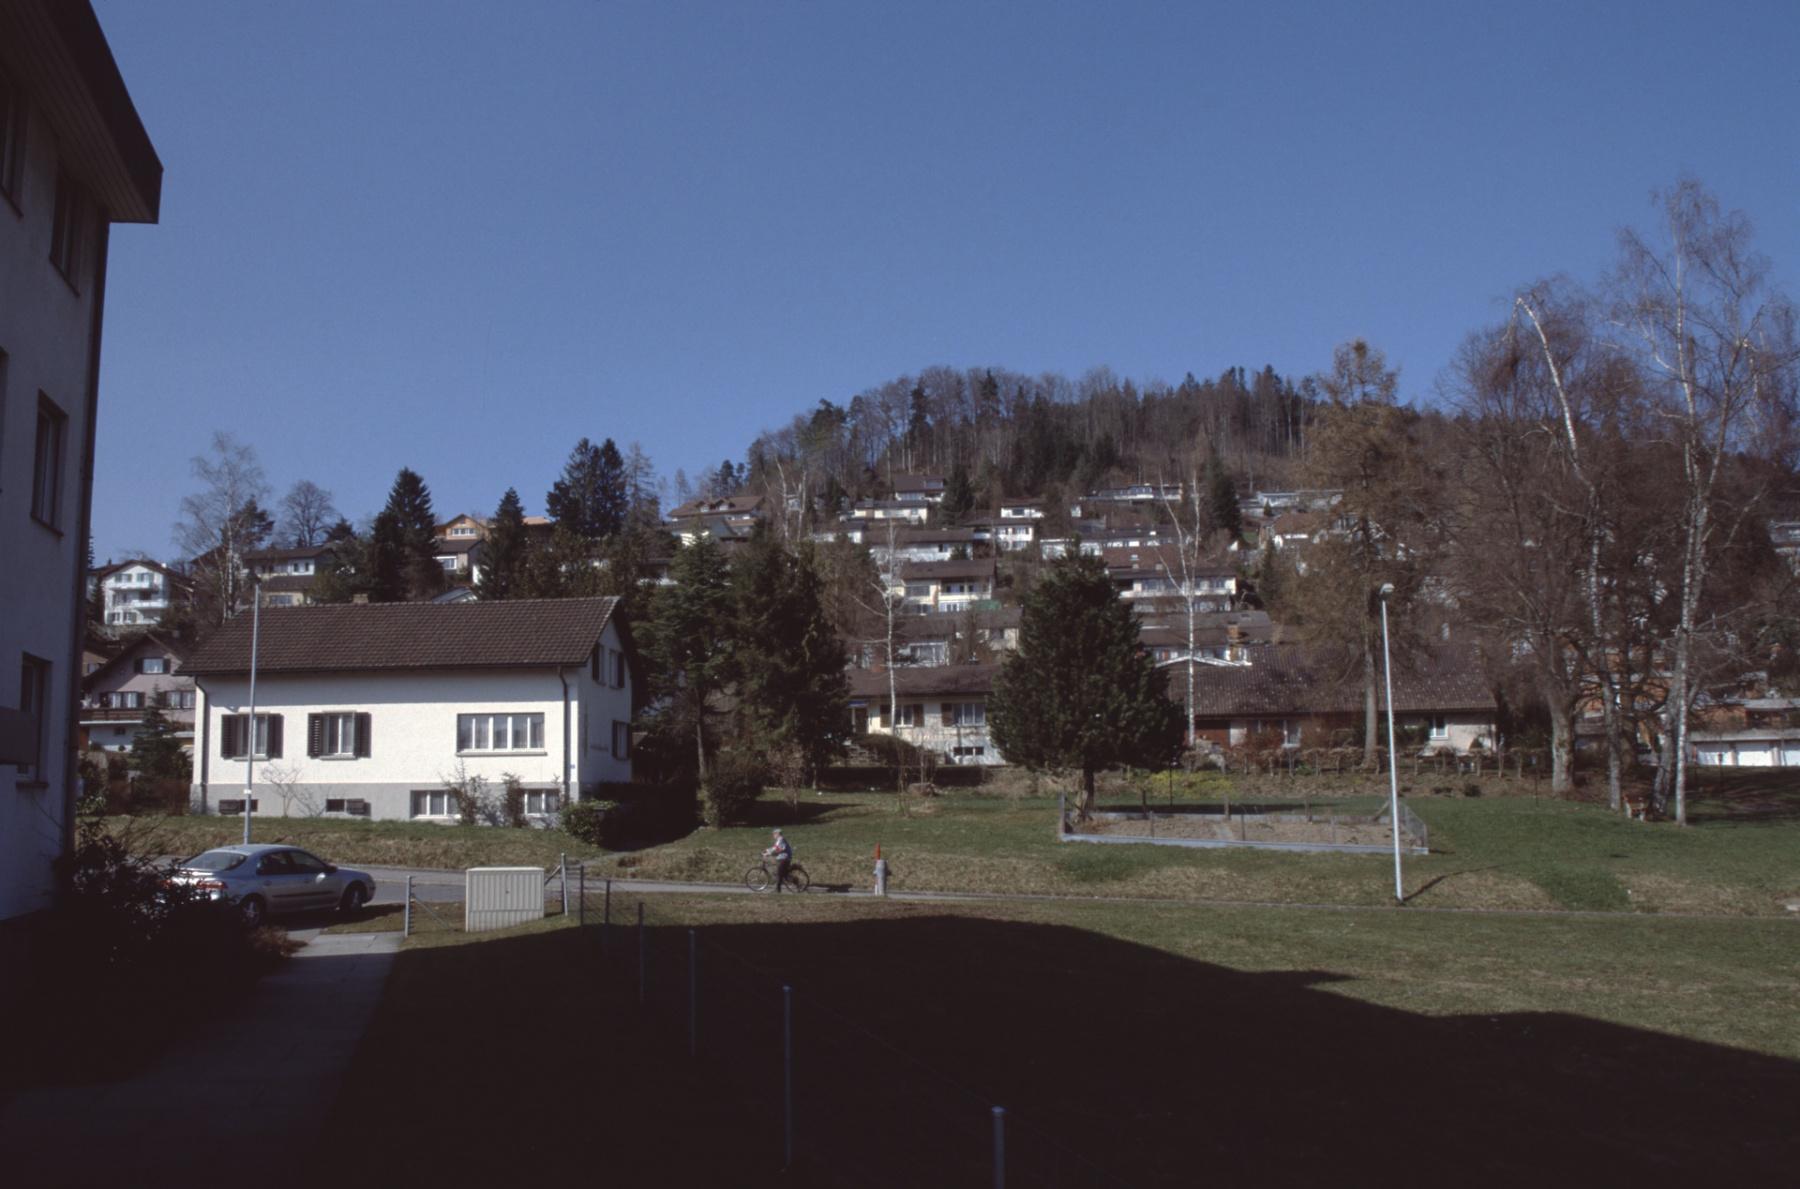 lk Schäppiblock, kath. Pfarrhaus, Hintergrund Aemet, ohne Bruder Klaus Kapelle